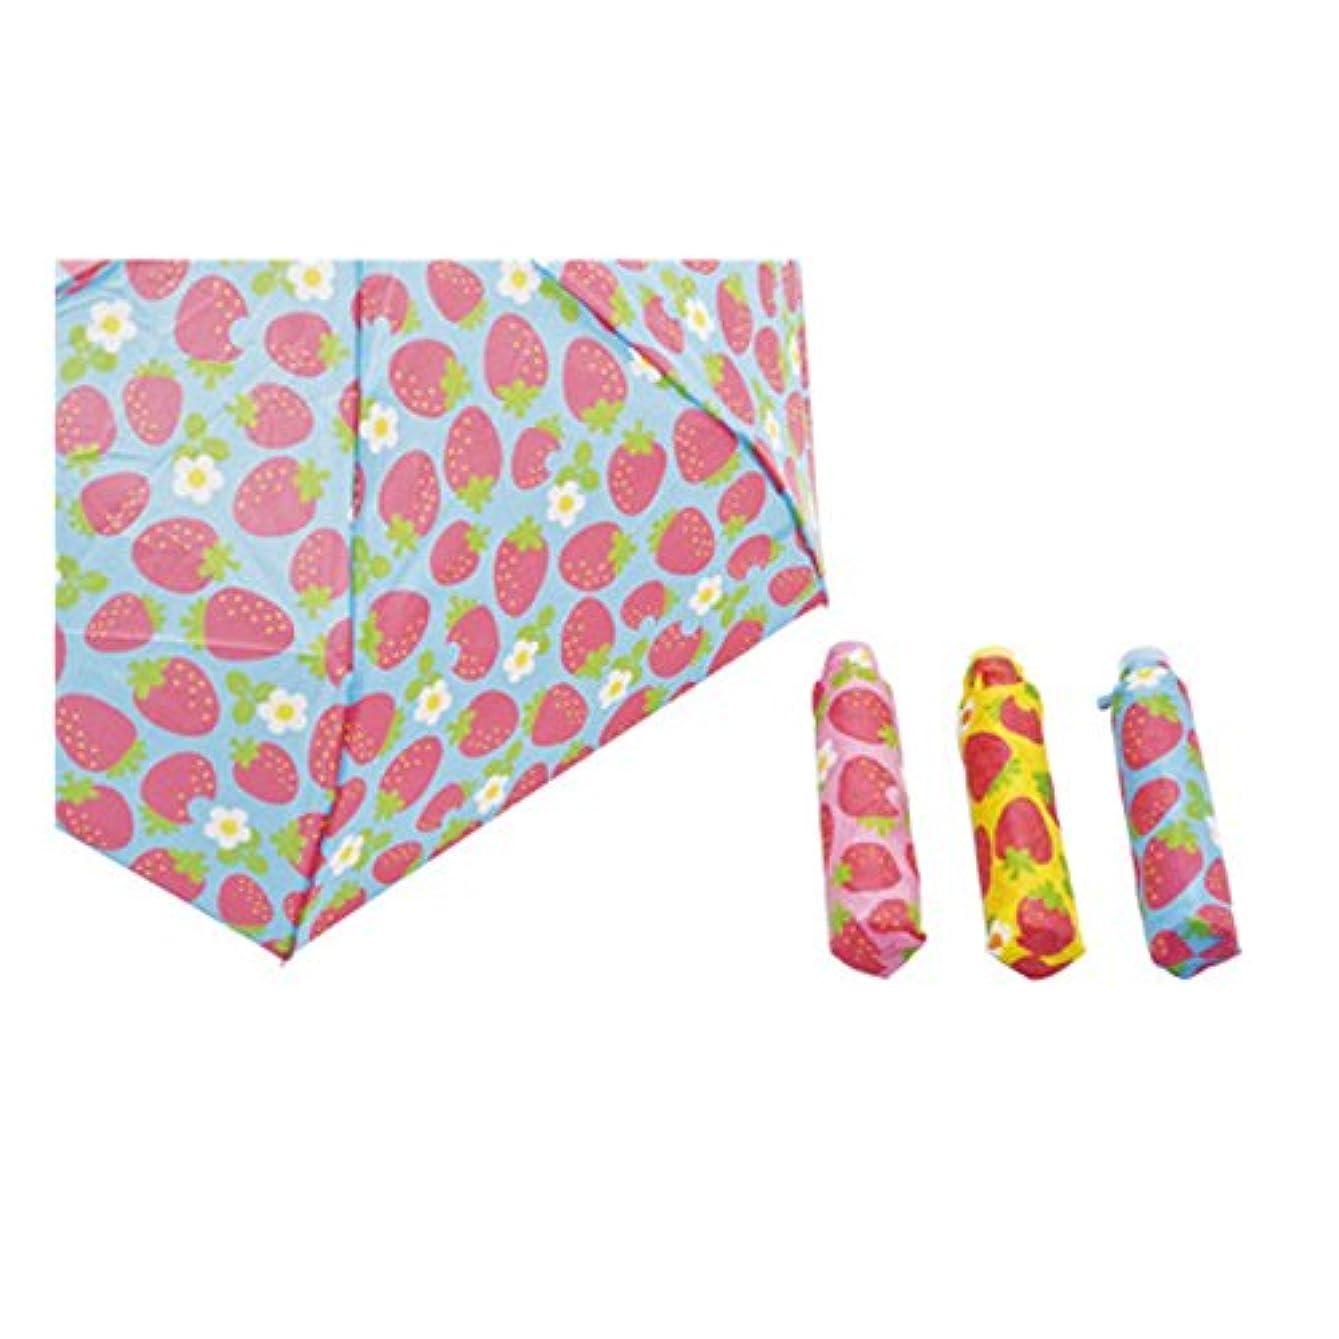 浸すドレインモール折りたたみ傘 女児用軽量ミニ折傘 イチゴ 可愛い 軽量折り畳み傘 折りたたみ おりたたみ傘梅雨 日除け 雨除けイエロ